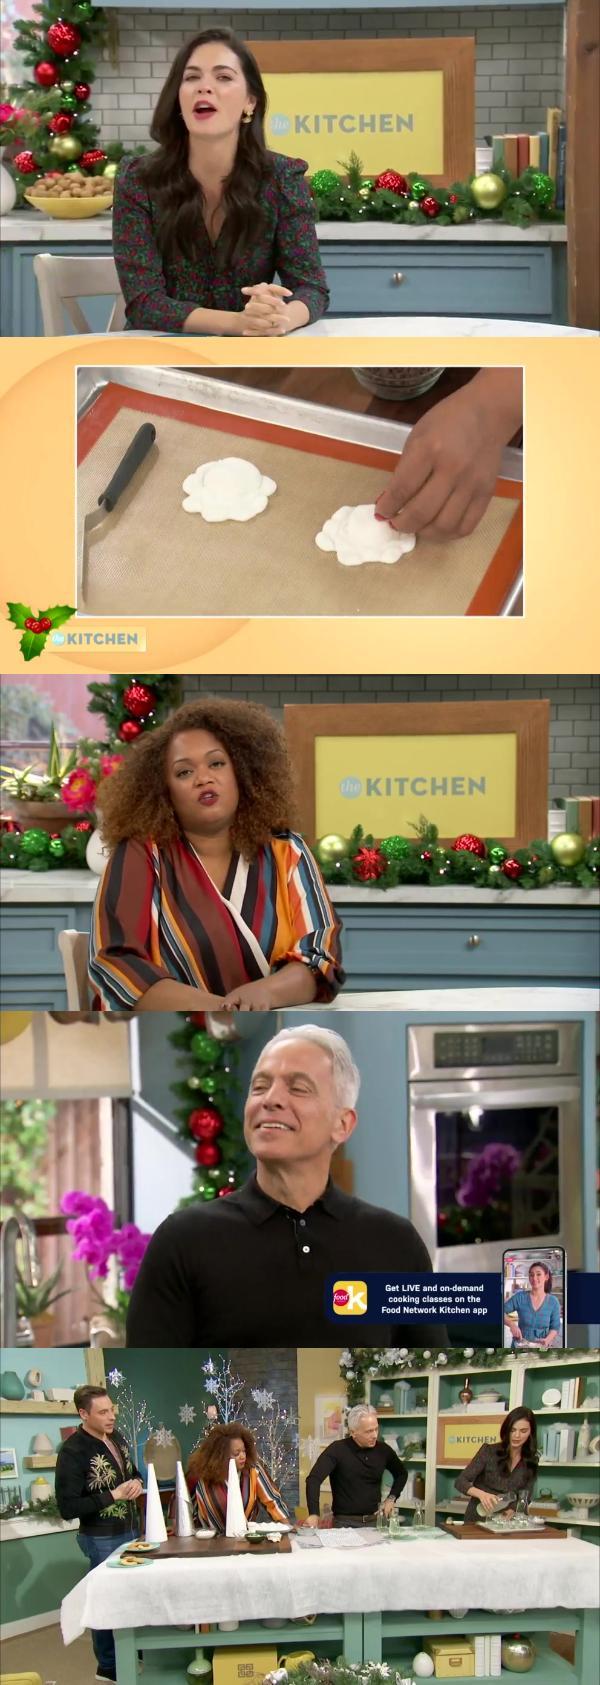 [Bild: 130032344_the-kitchen-s23e05-pump-up-the...ffeine.jpg]